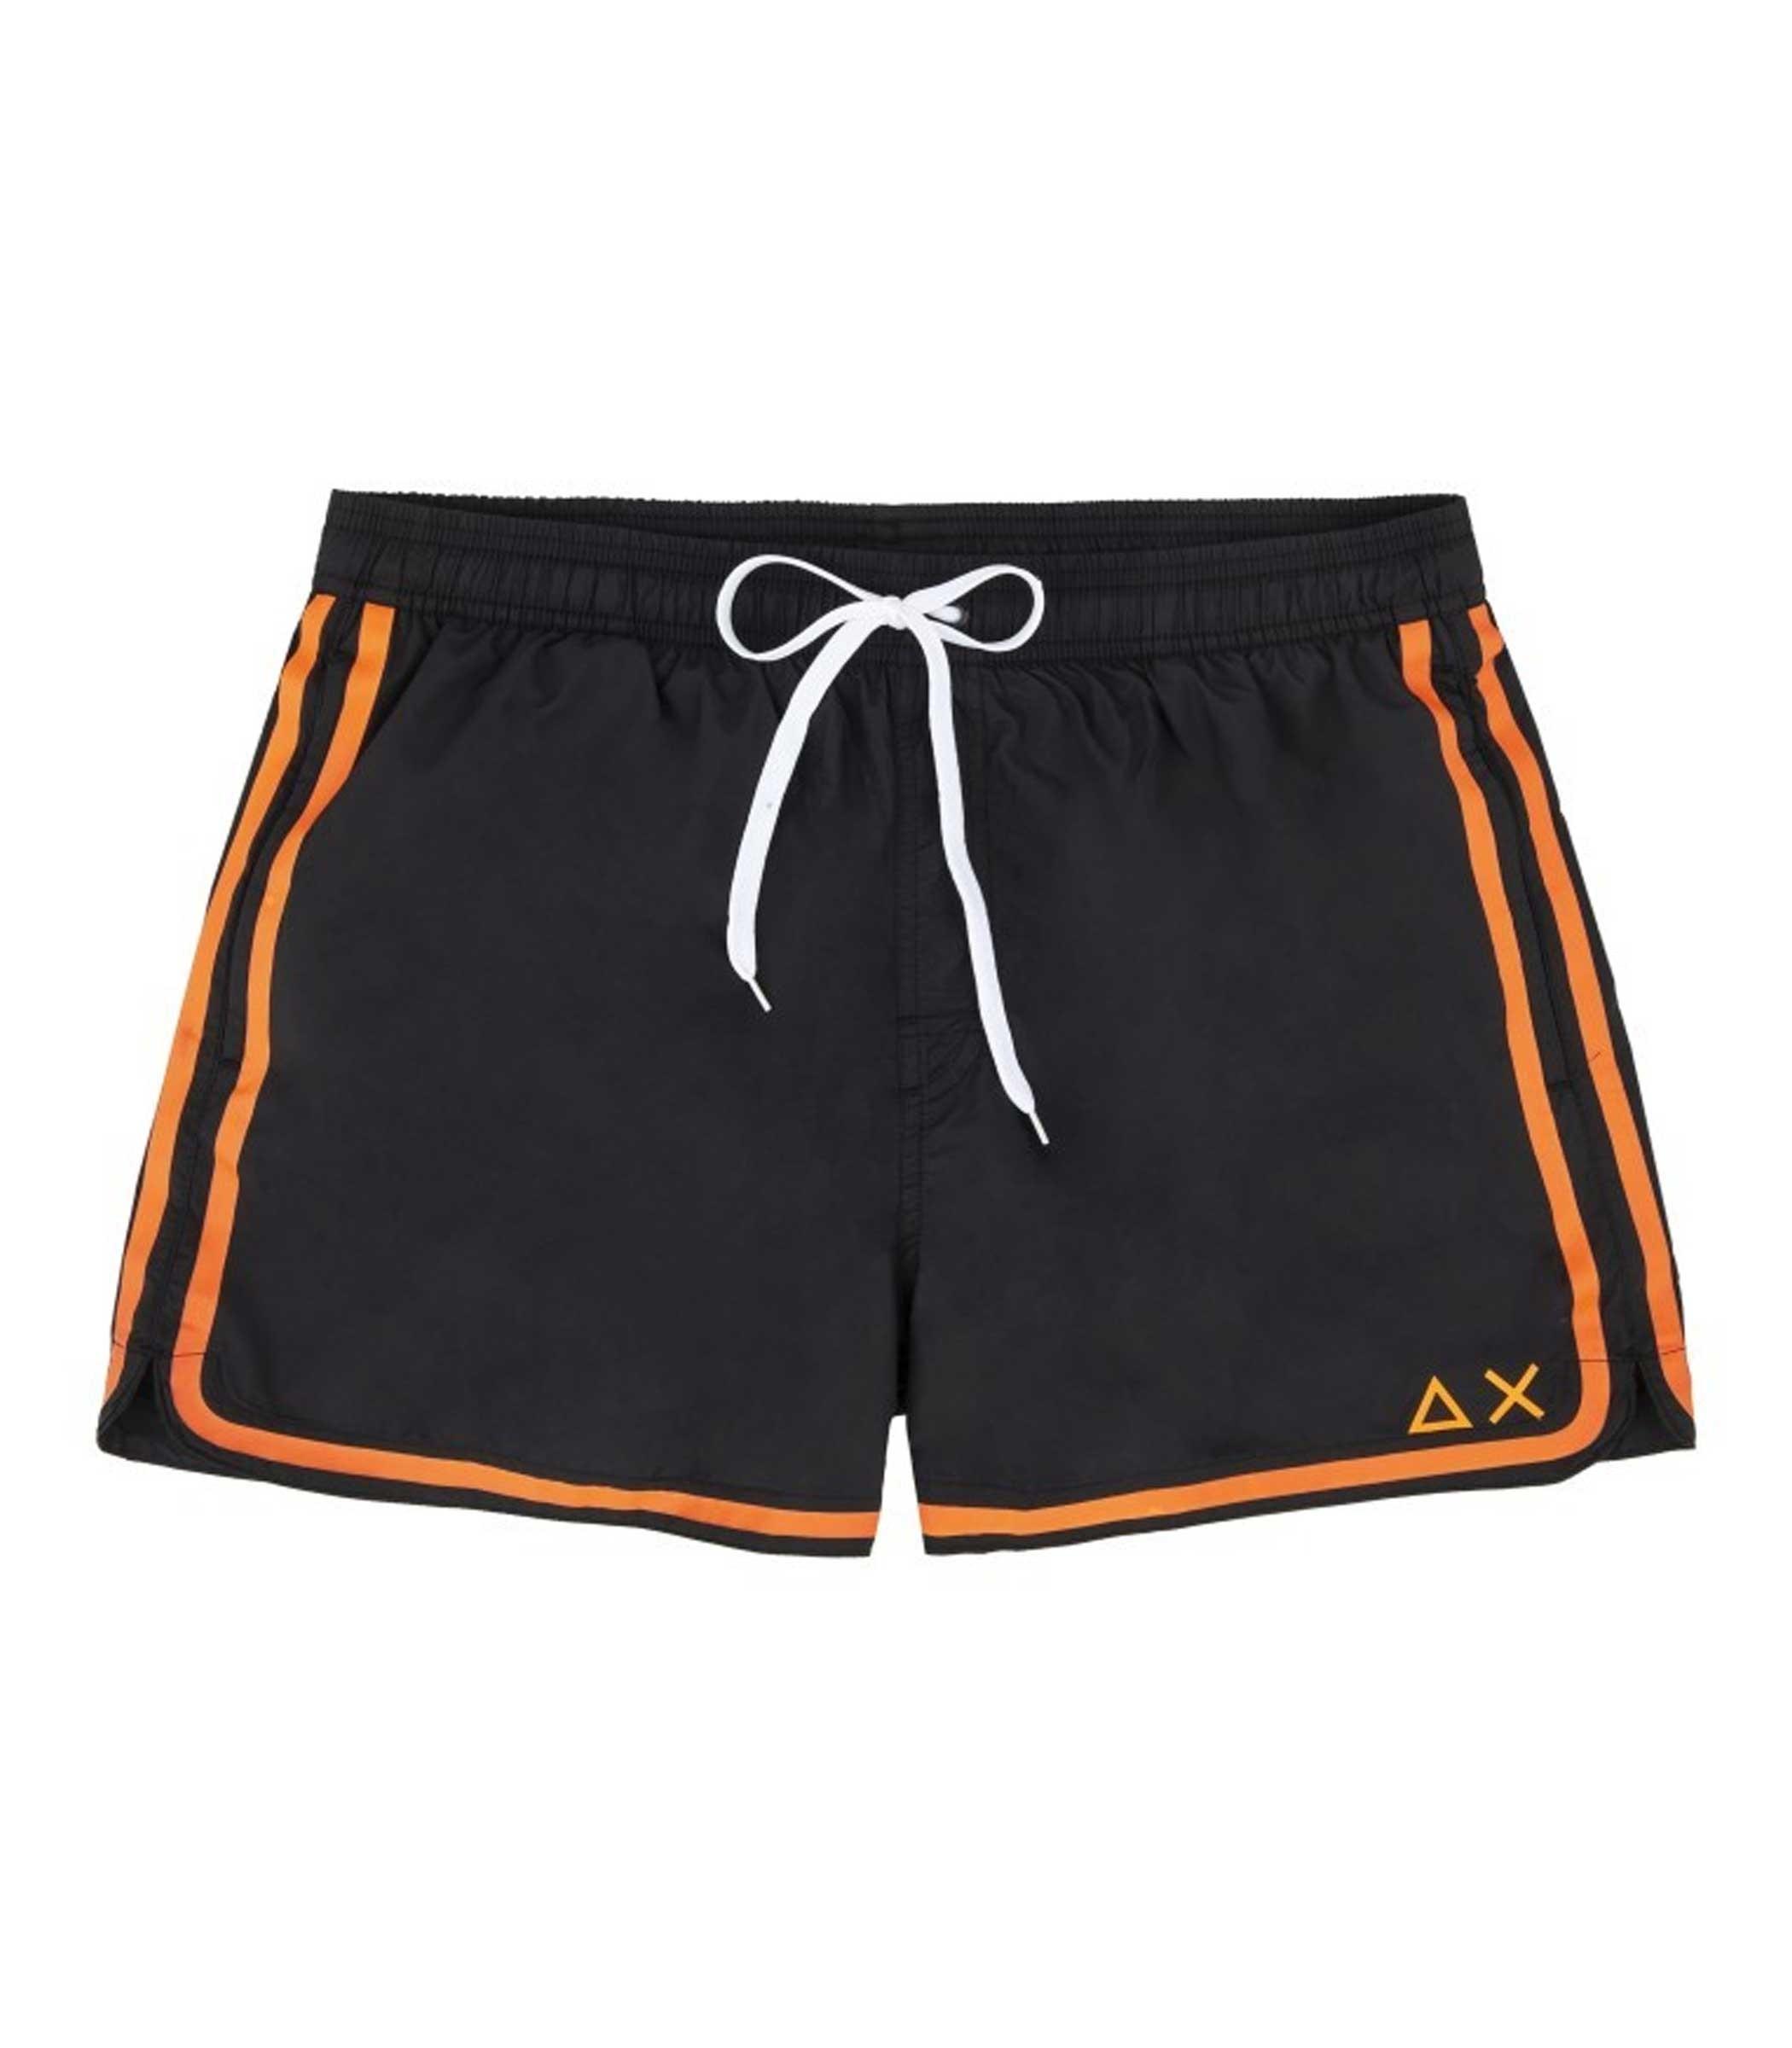 ec55f1f392 Shorts Costume da bagno SUN68 con bande laterali da uomo rif. H19103